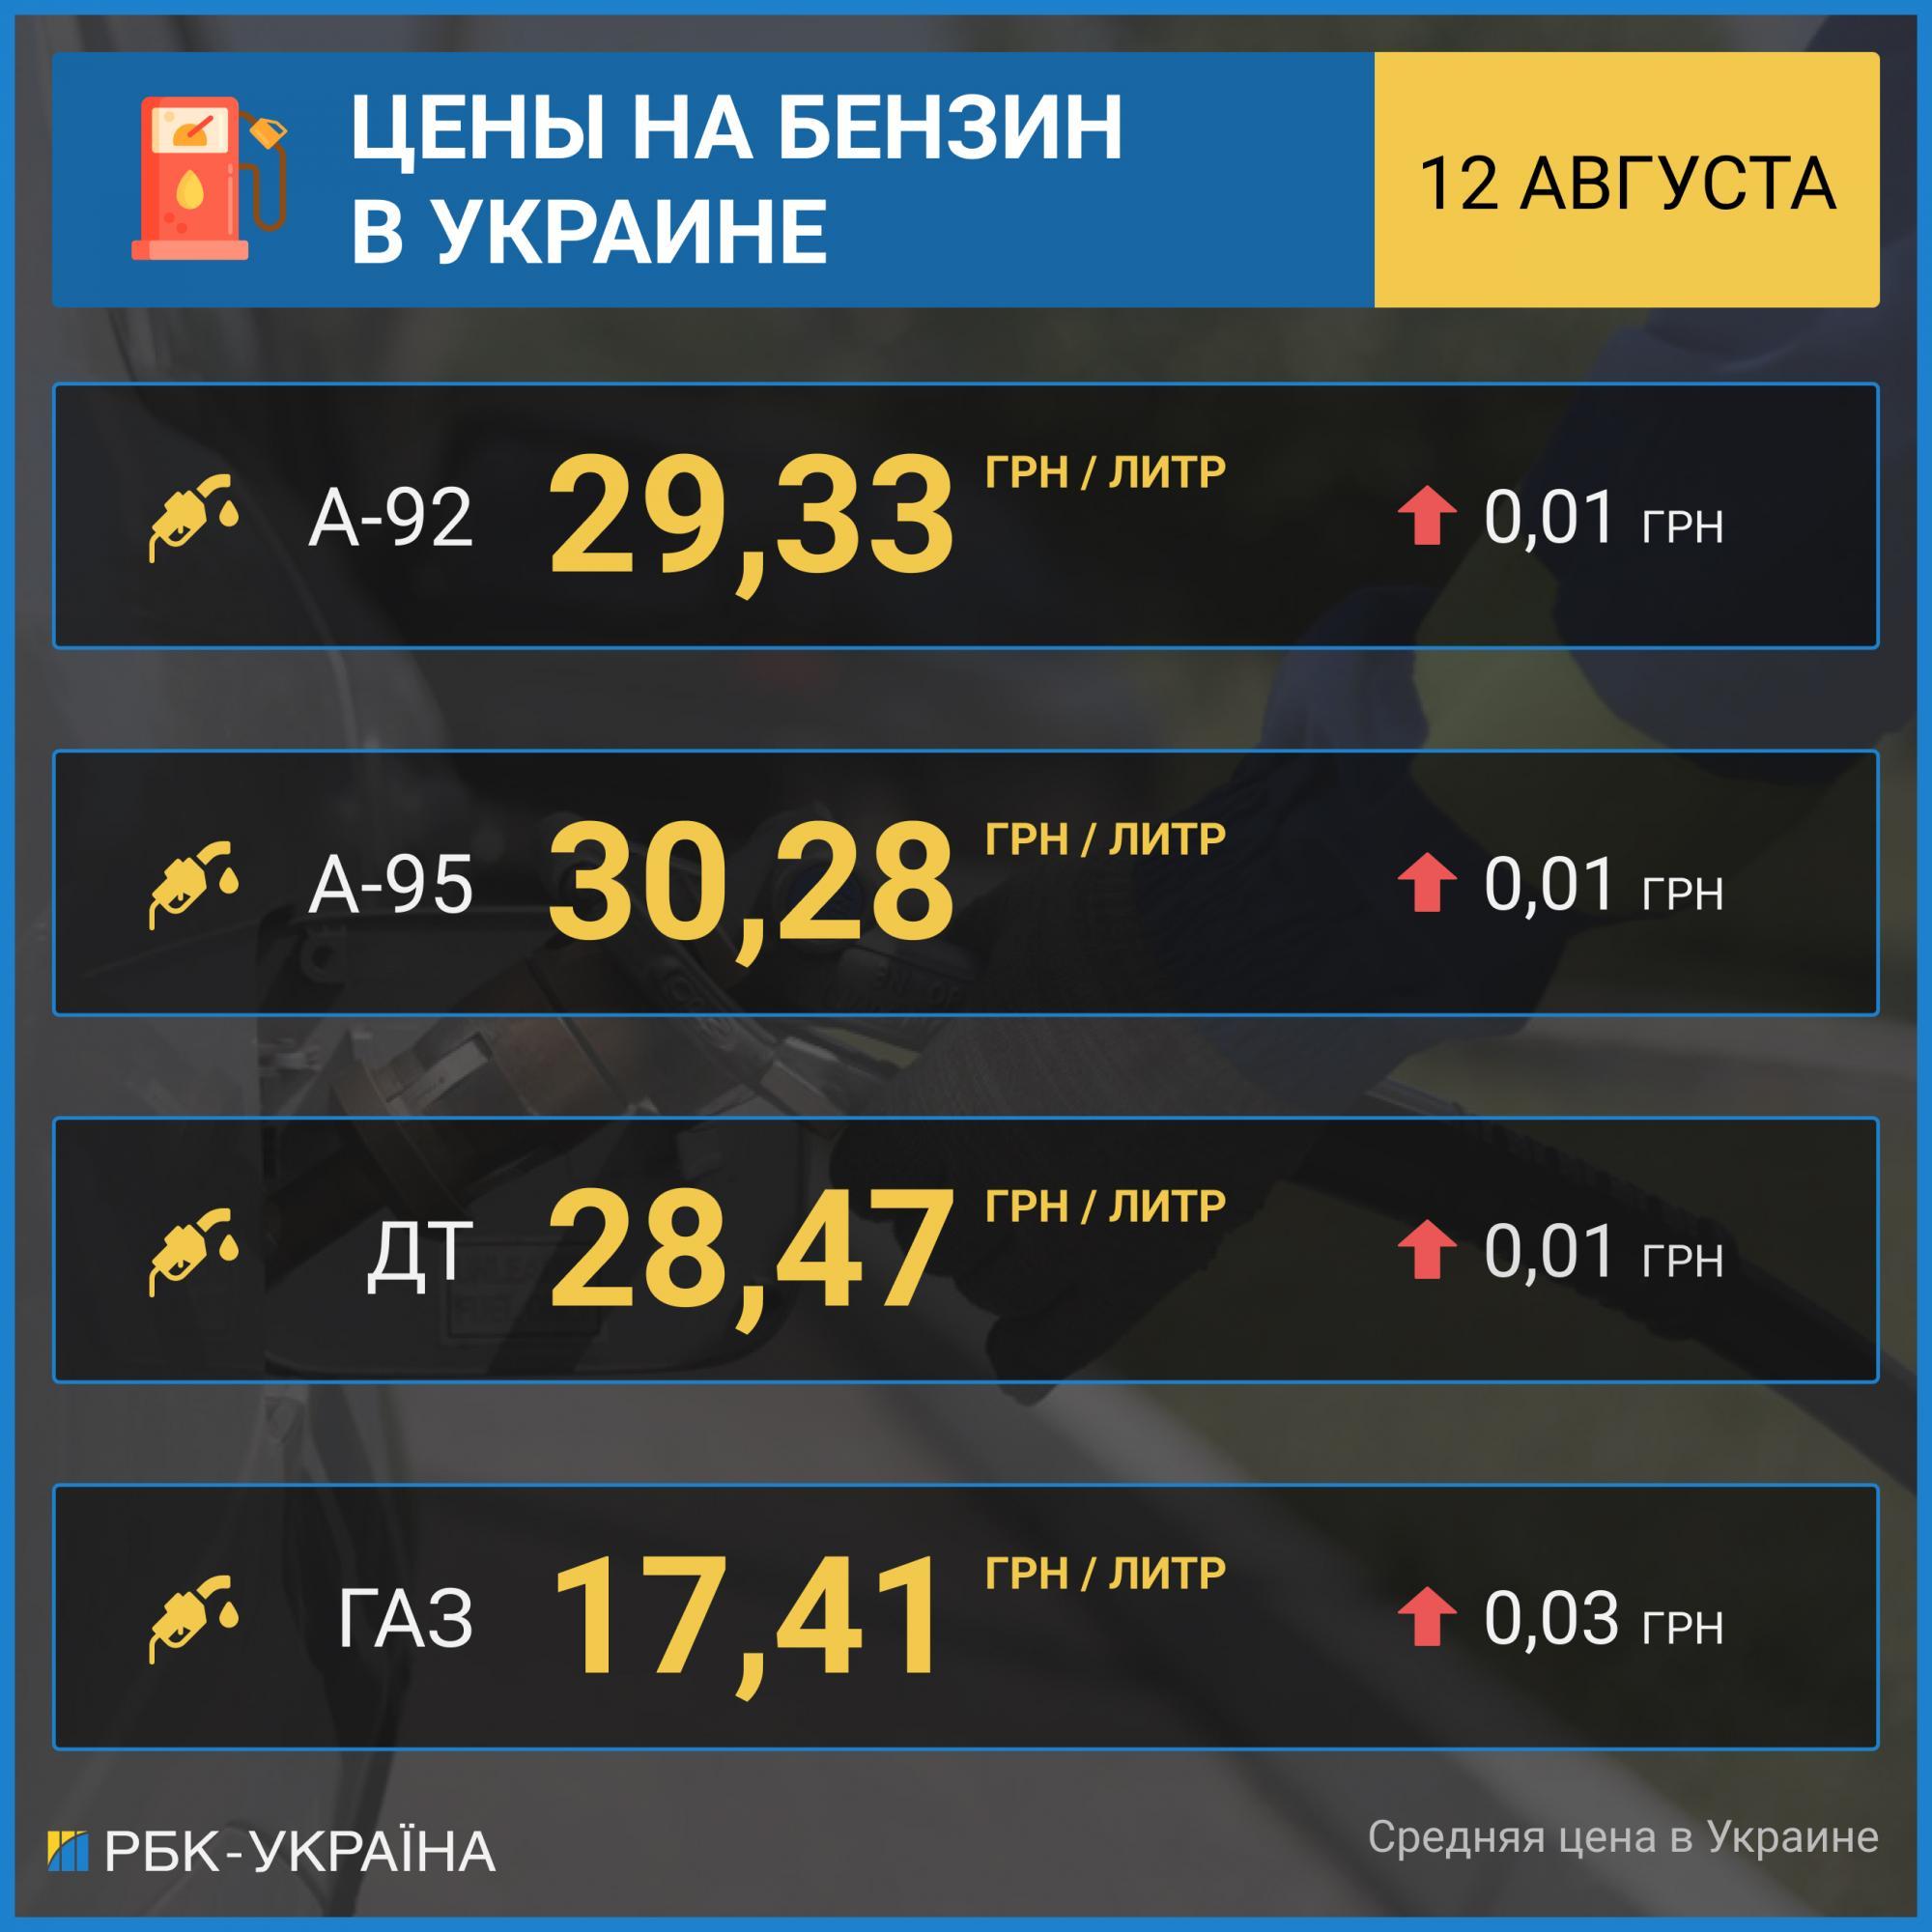 Ціни на бензин і автогаз зростають: скільки коштує паливо на АЗС